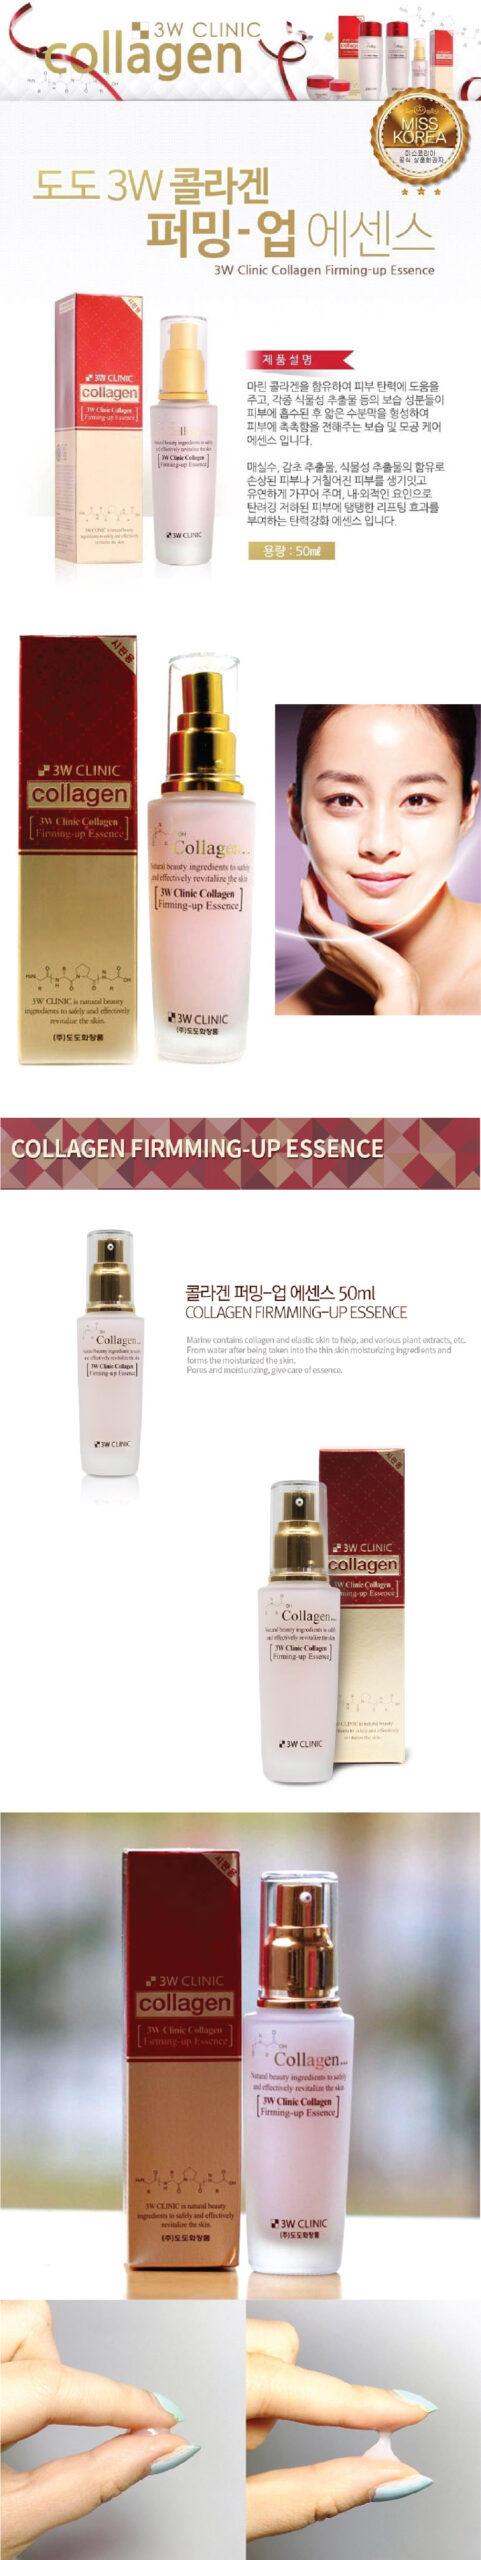 Tinh Chất Dưỡng Săn Chắc Da 3W Clinic Collagen Firming-Up Essence